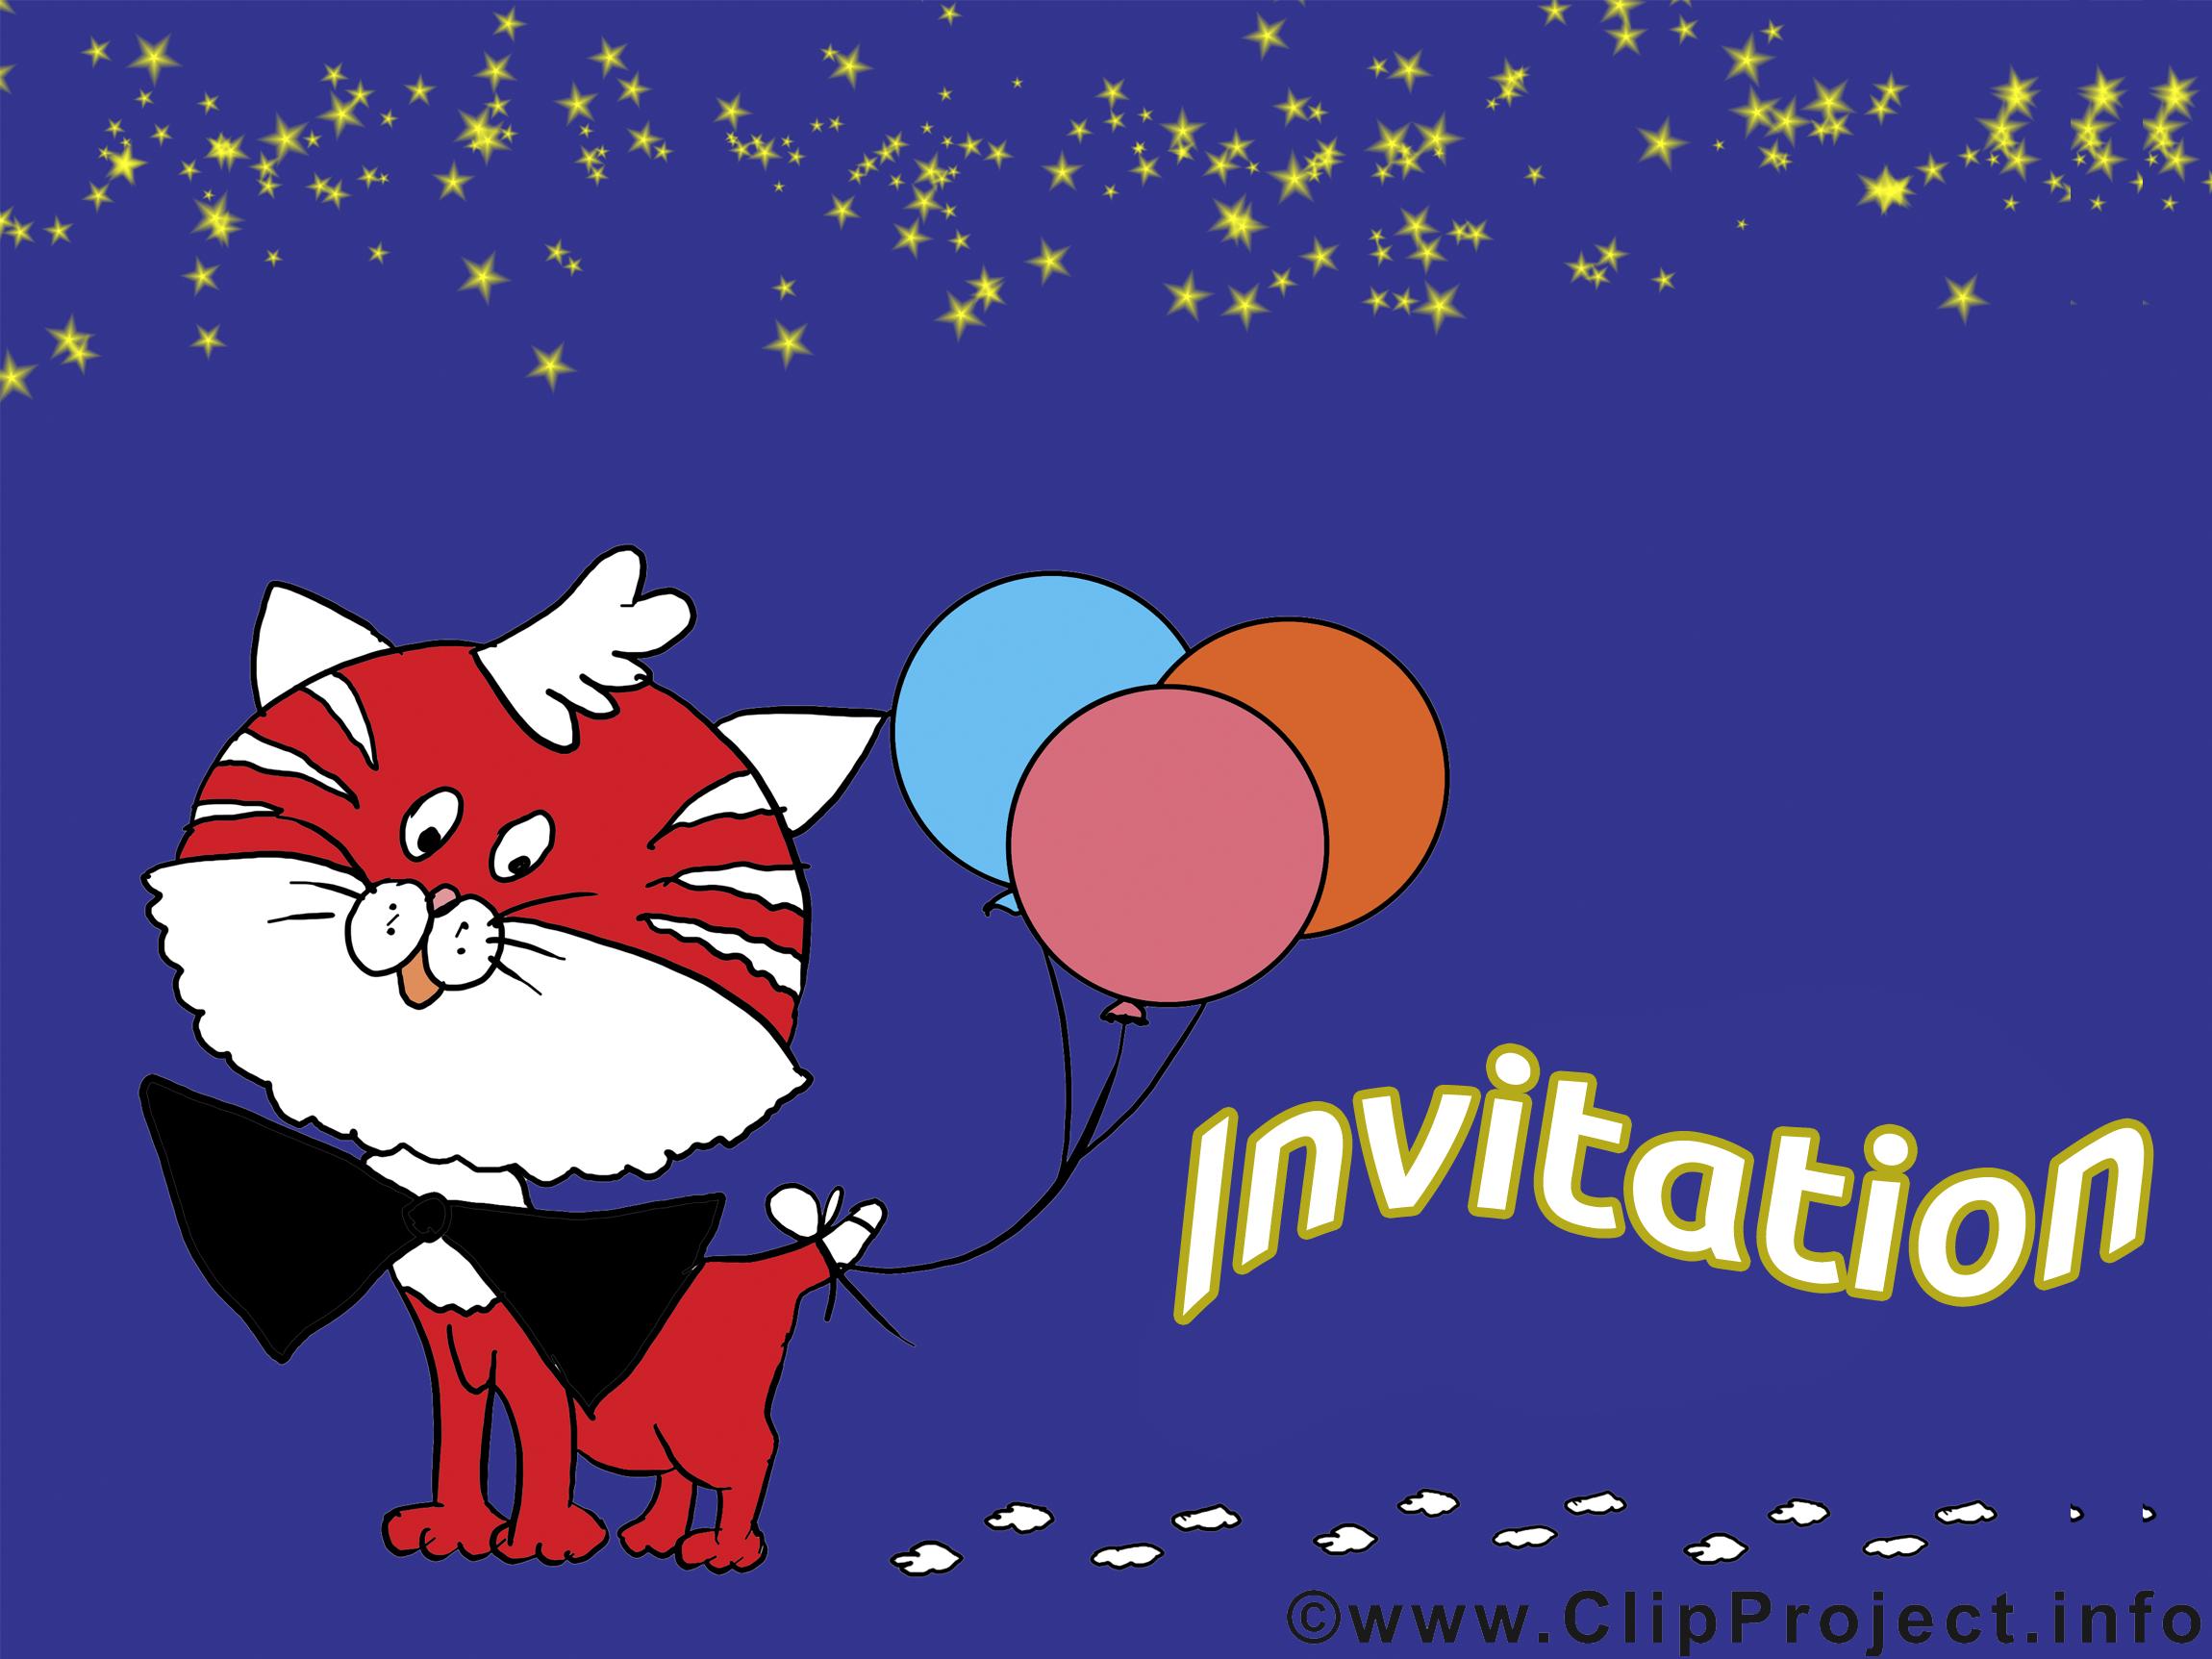 Chat images gratuites – Invitation clipart